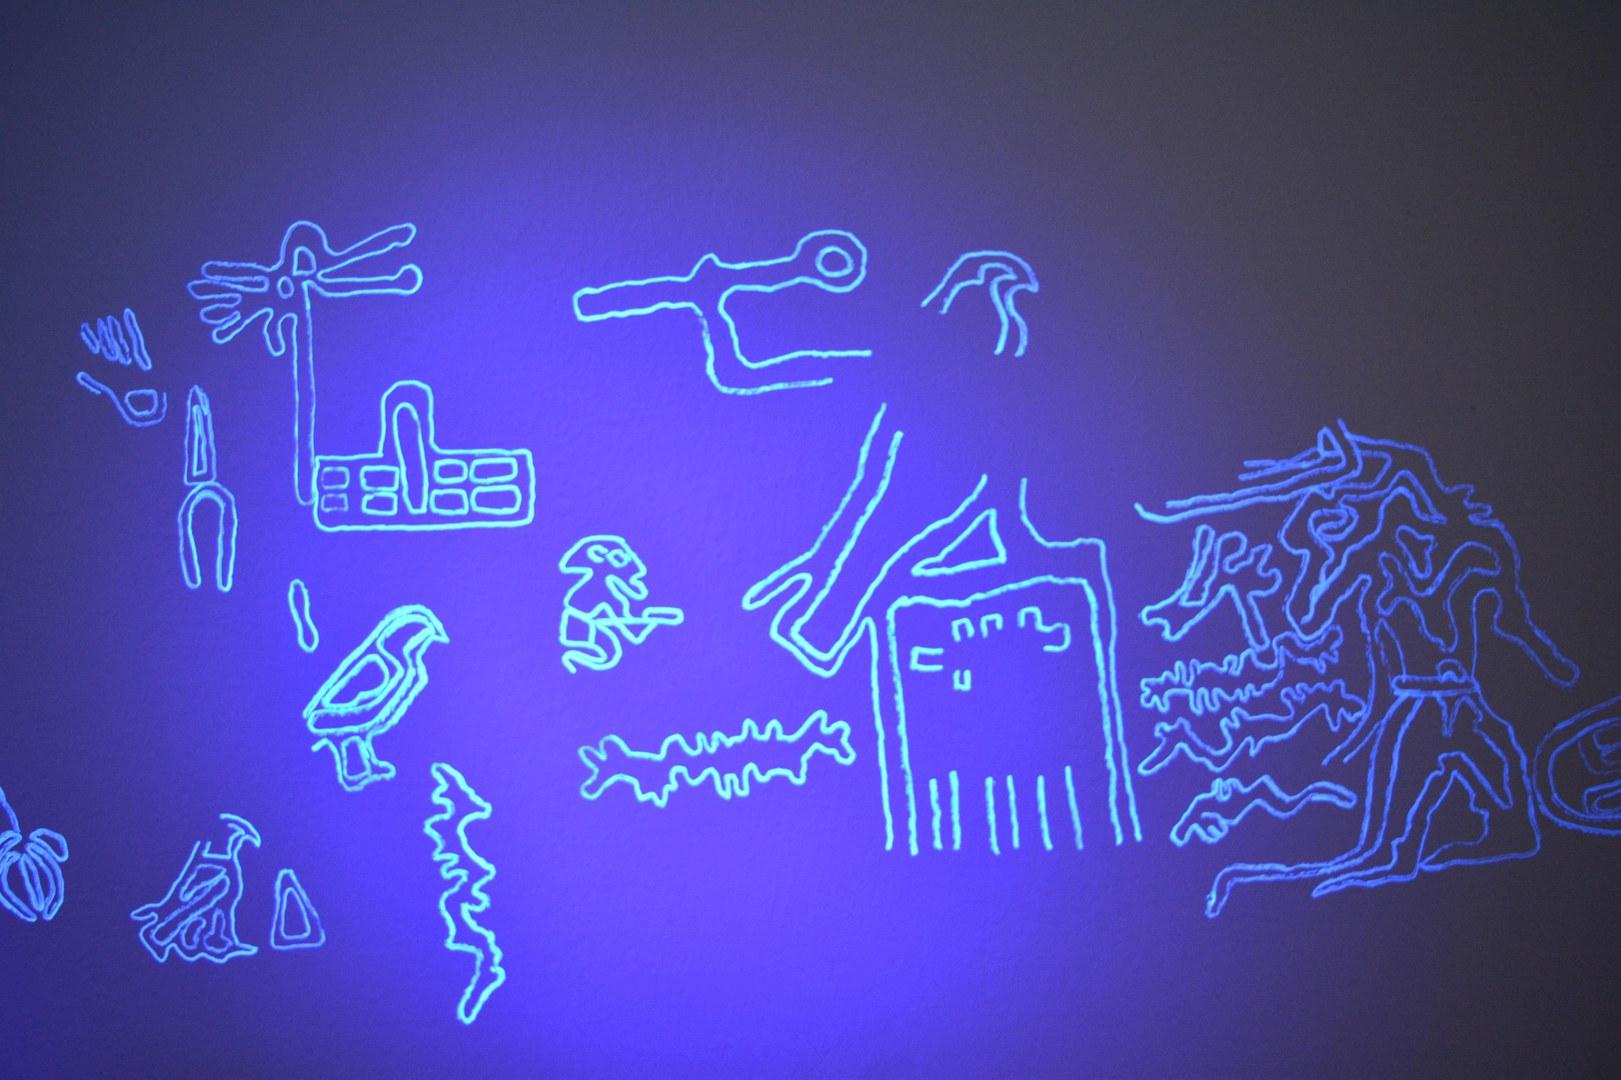 Die unsichtbaren Felsbilder unter UV-Licht